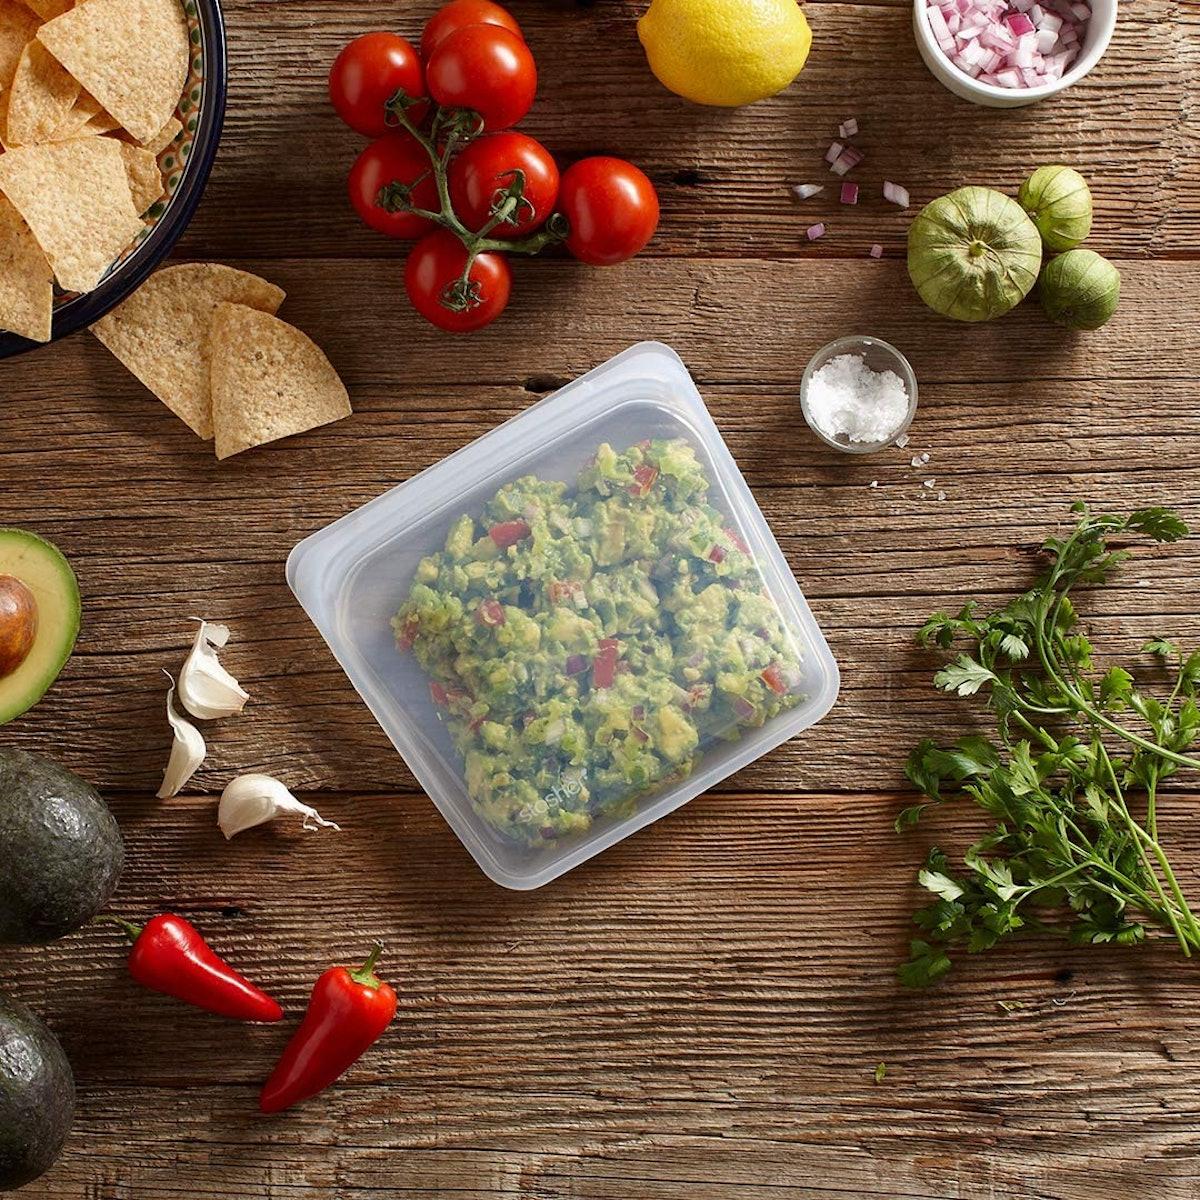 Stasher Silicone Reusable Food Storage Bag